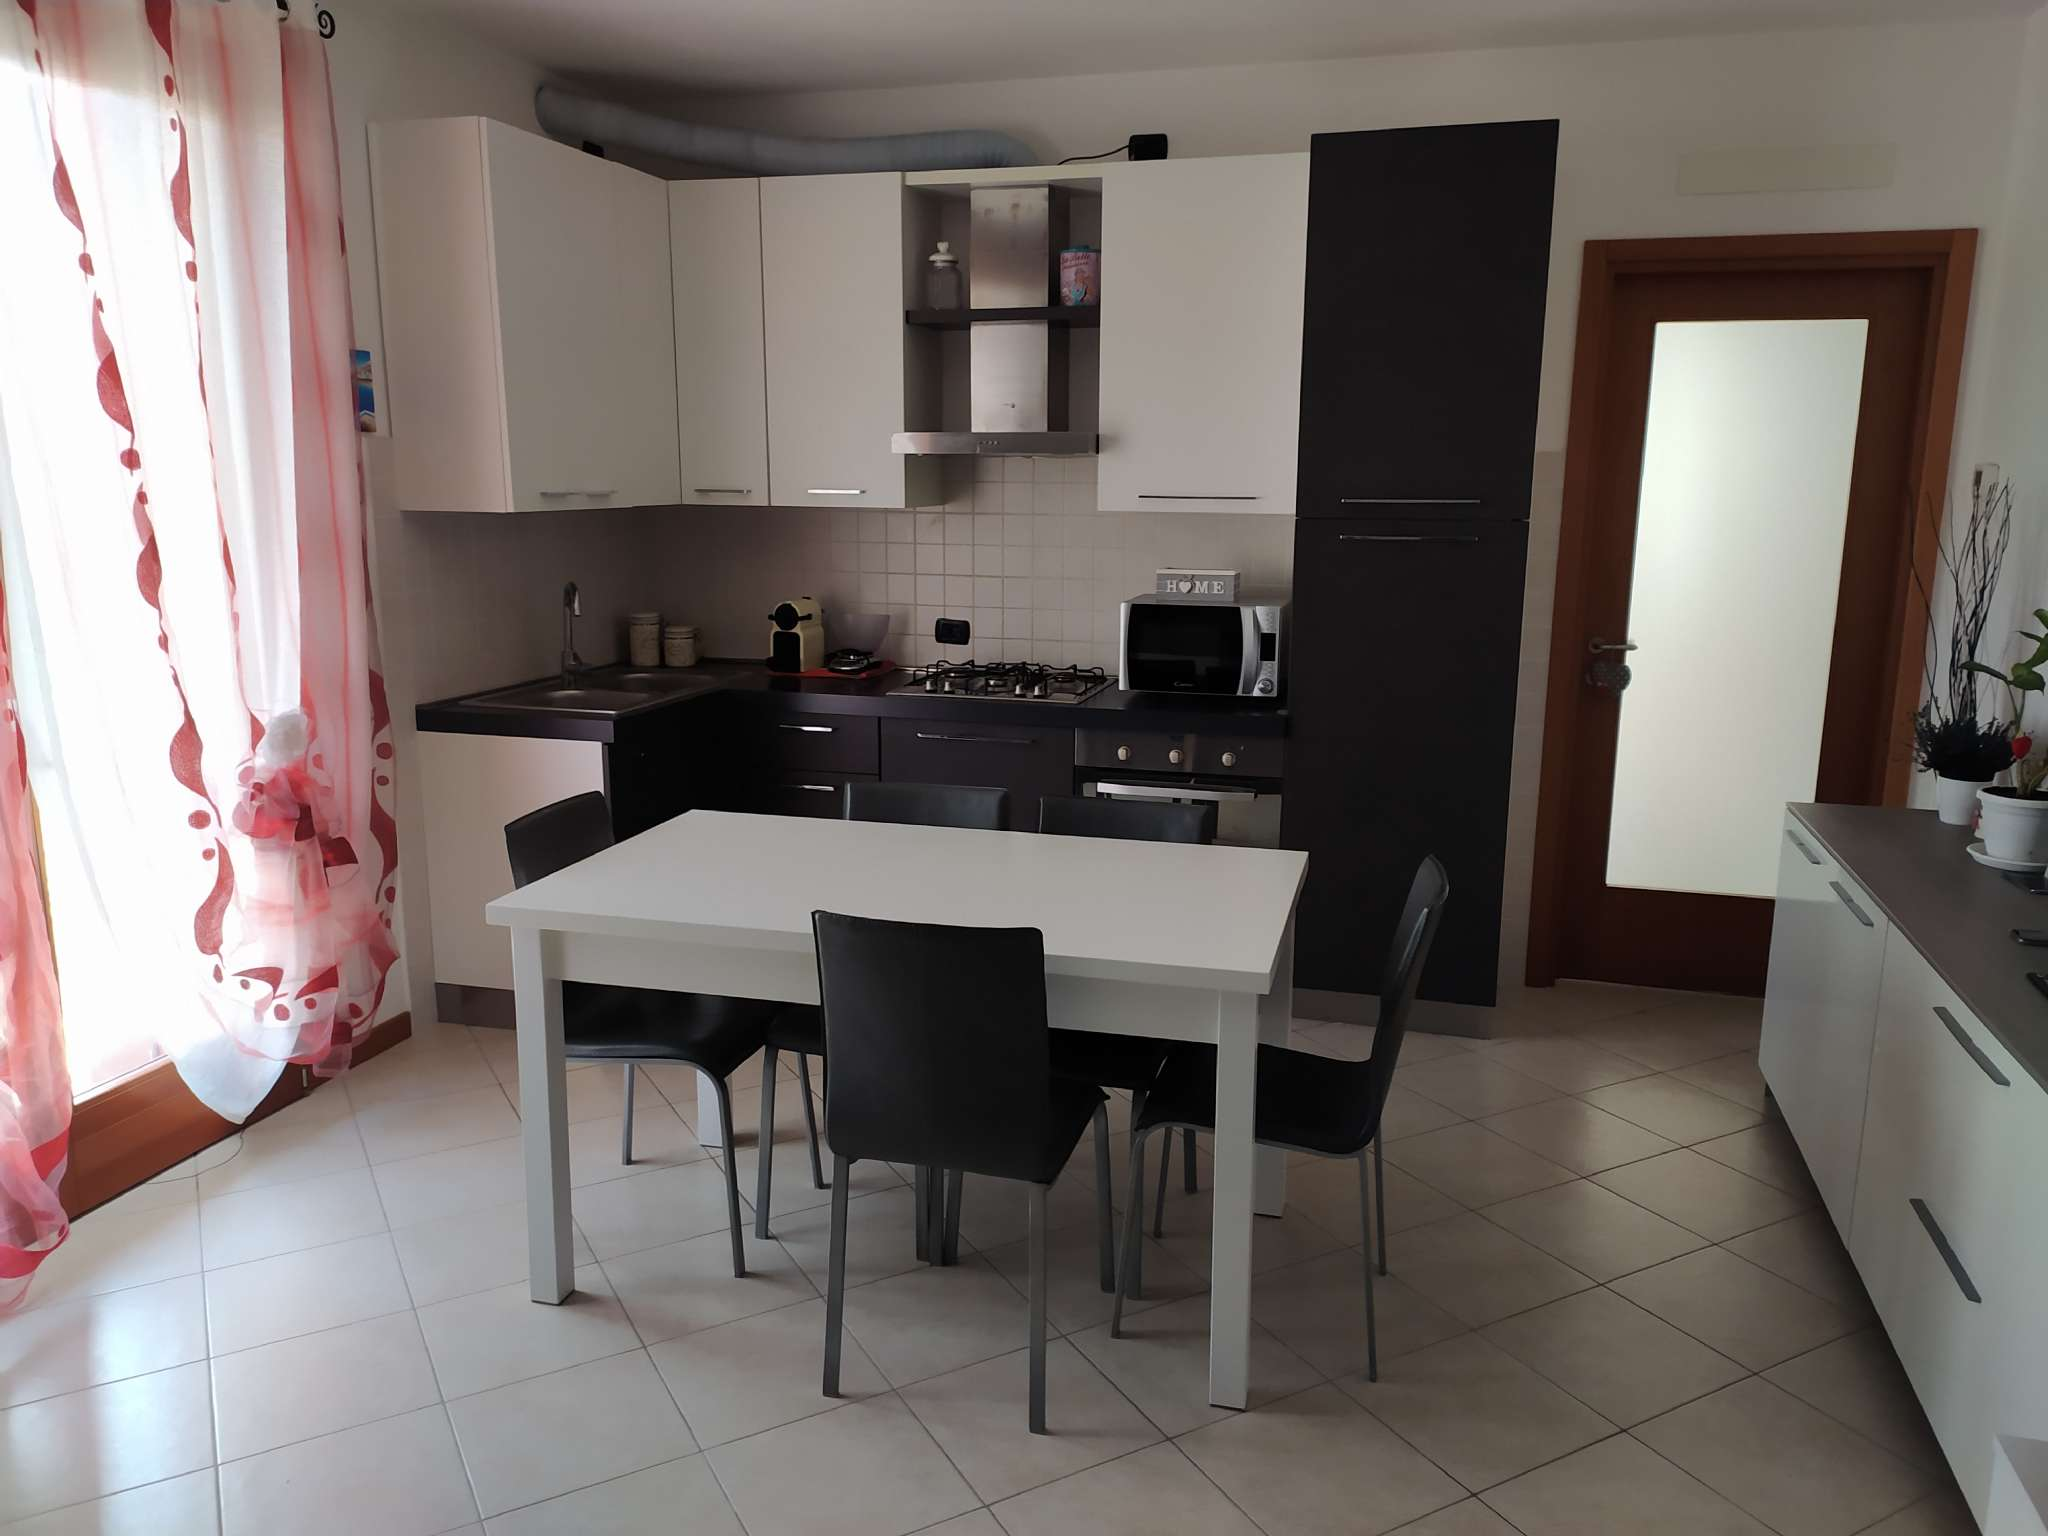 Appartamento in vendita a Istrana, 4 locali, prezzo € 125.000 | PortaleAgenzieImmobiliari.it